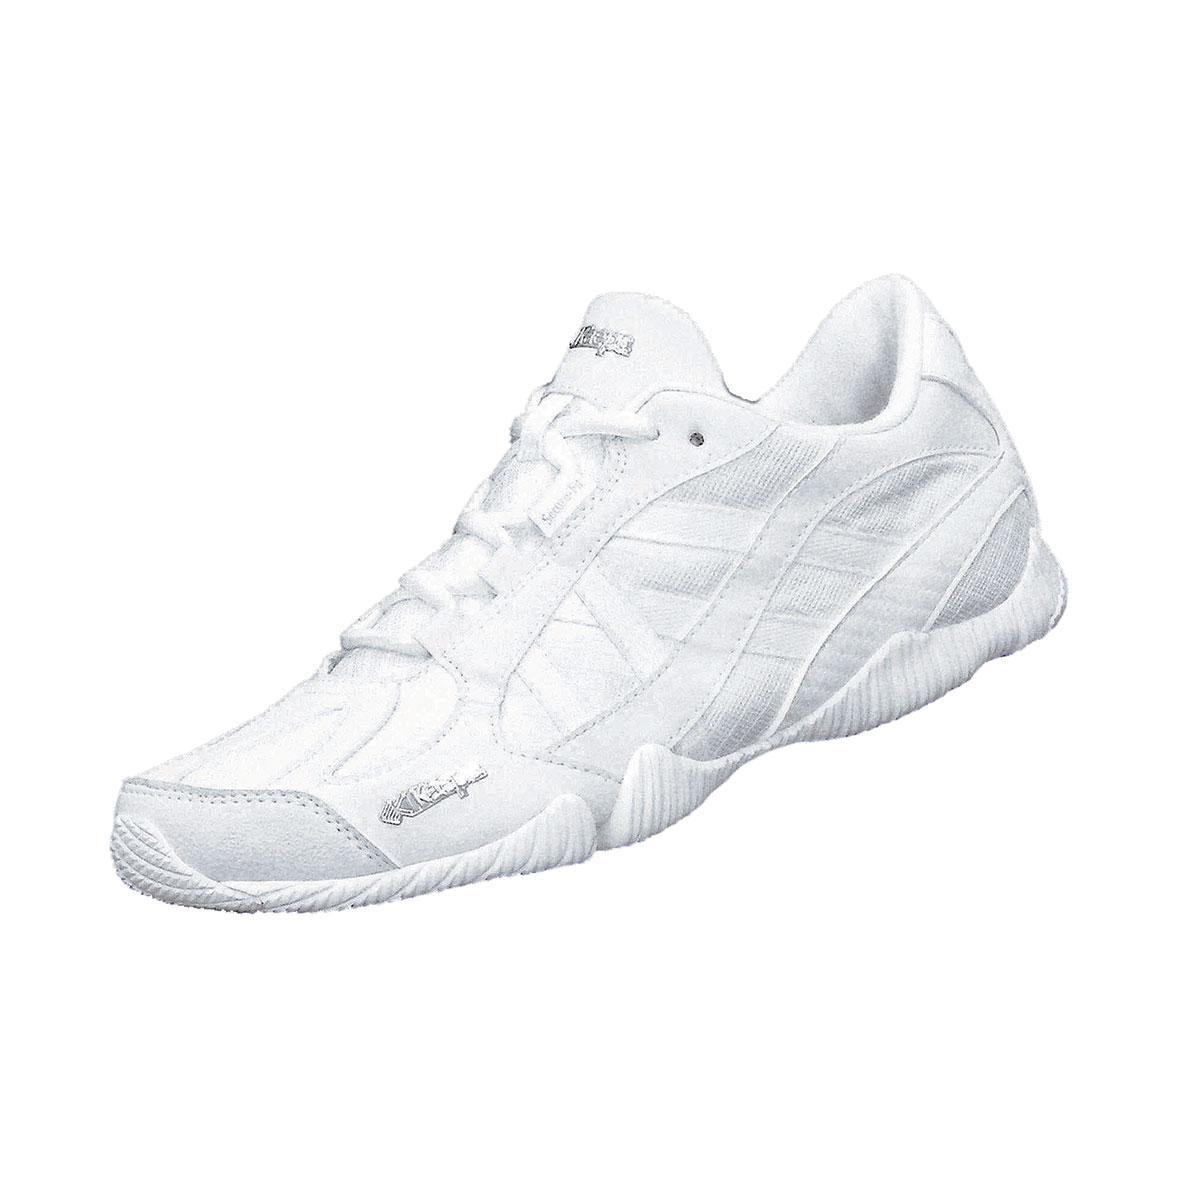 Kaepa Cheer Shoes